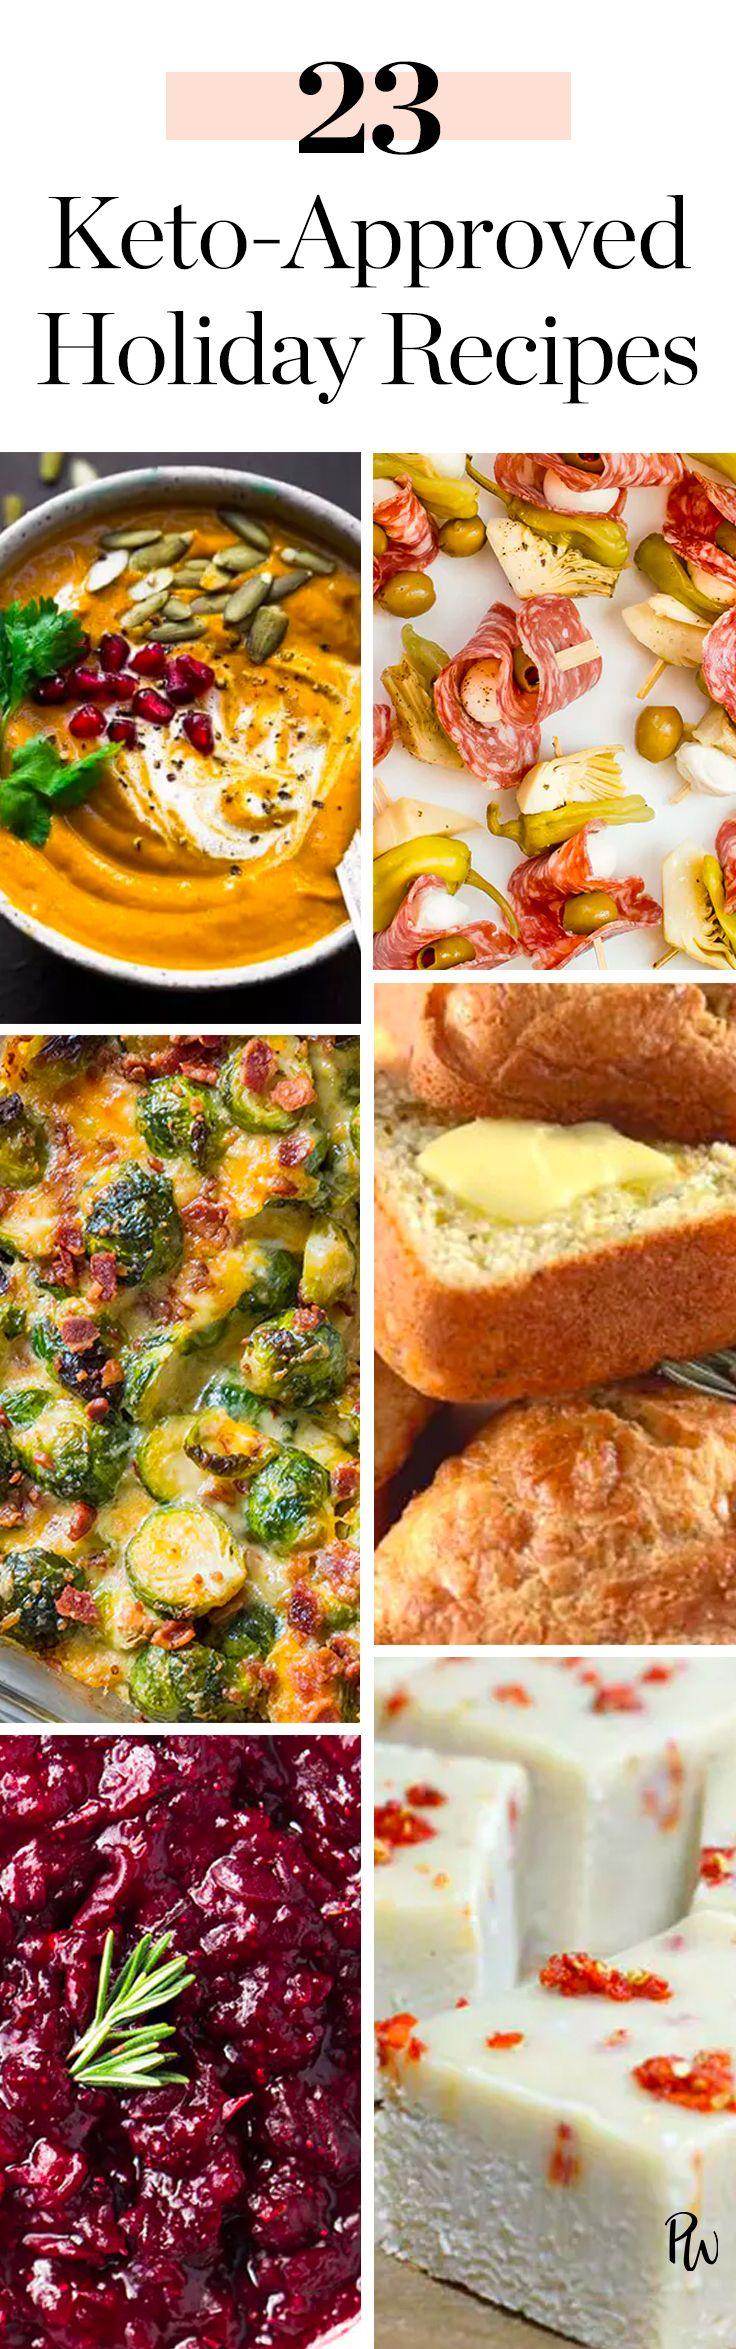 best ketogenic diet images on pinterest keto recipes ketogenic